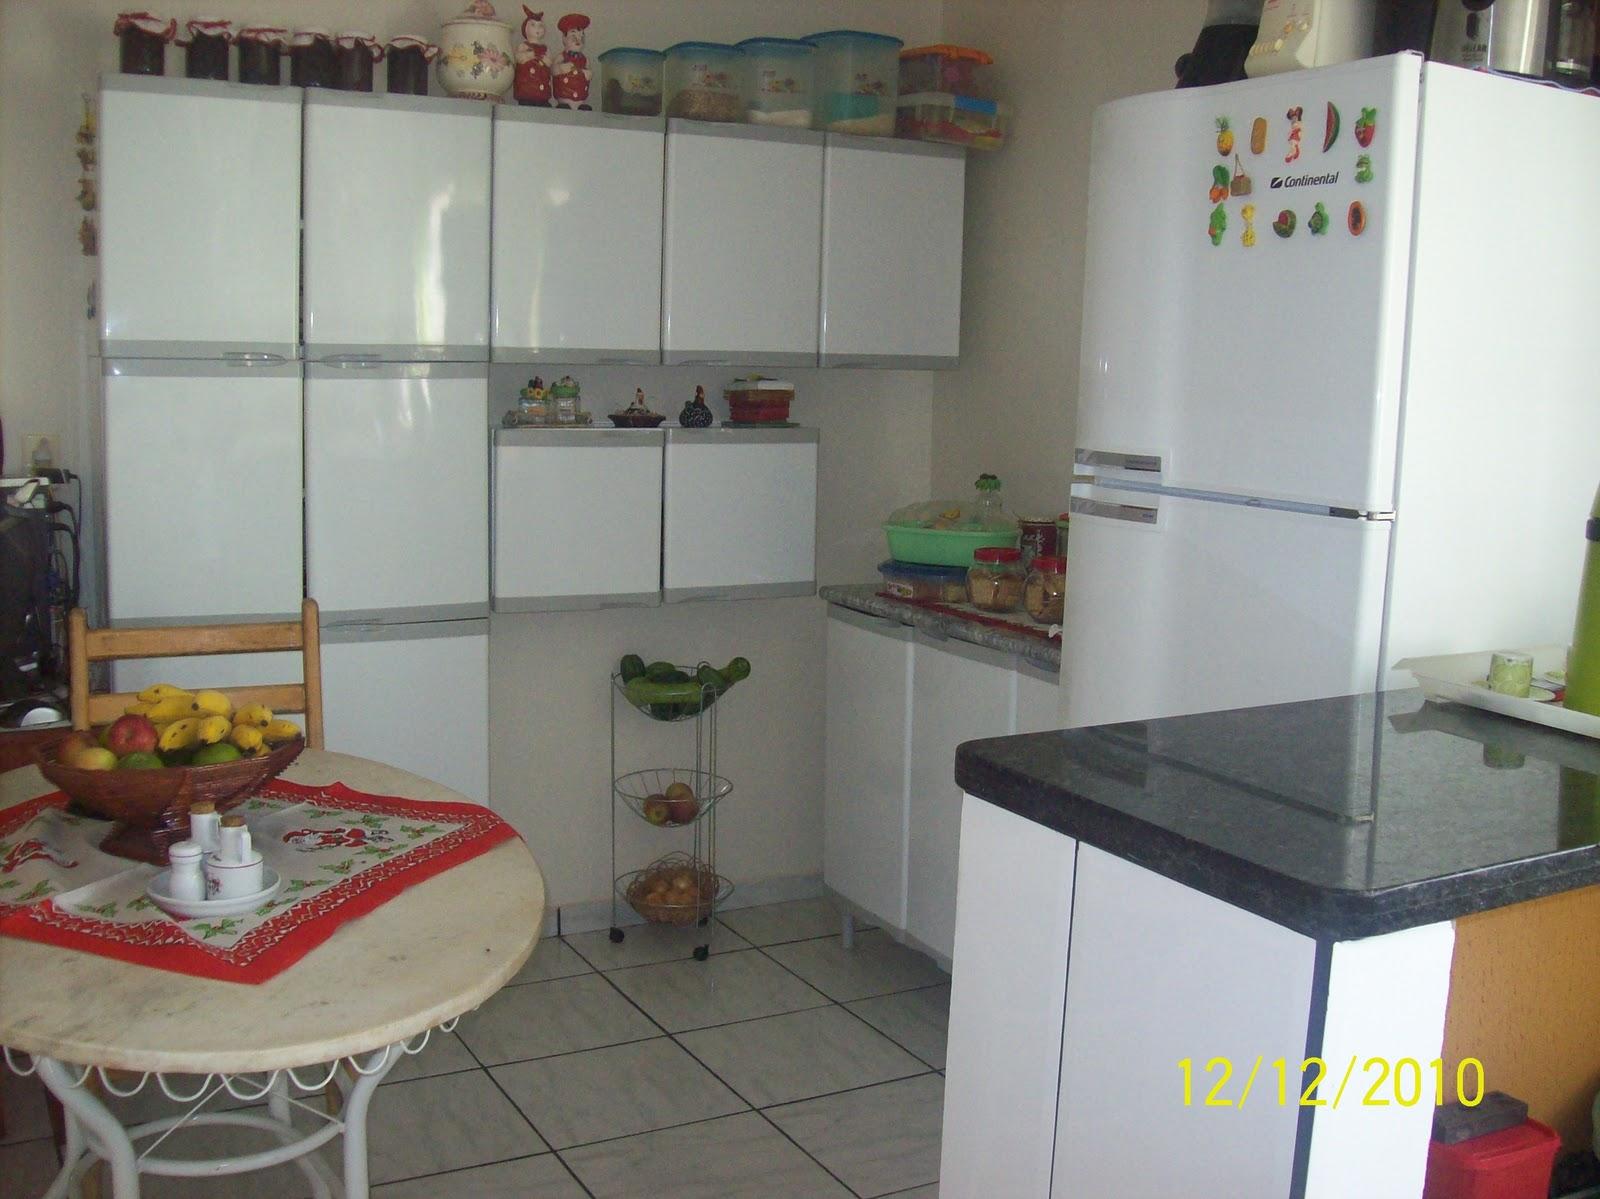 Arte de Bijoux: Minha cozinha nova  #713934 1600 1199